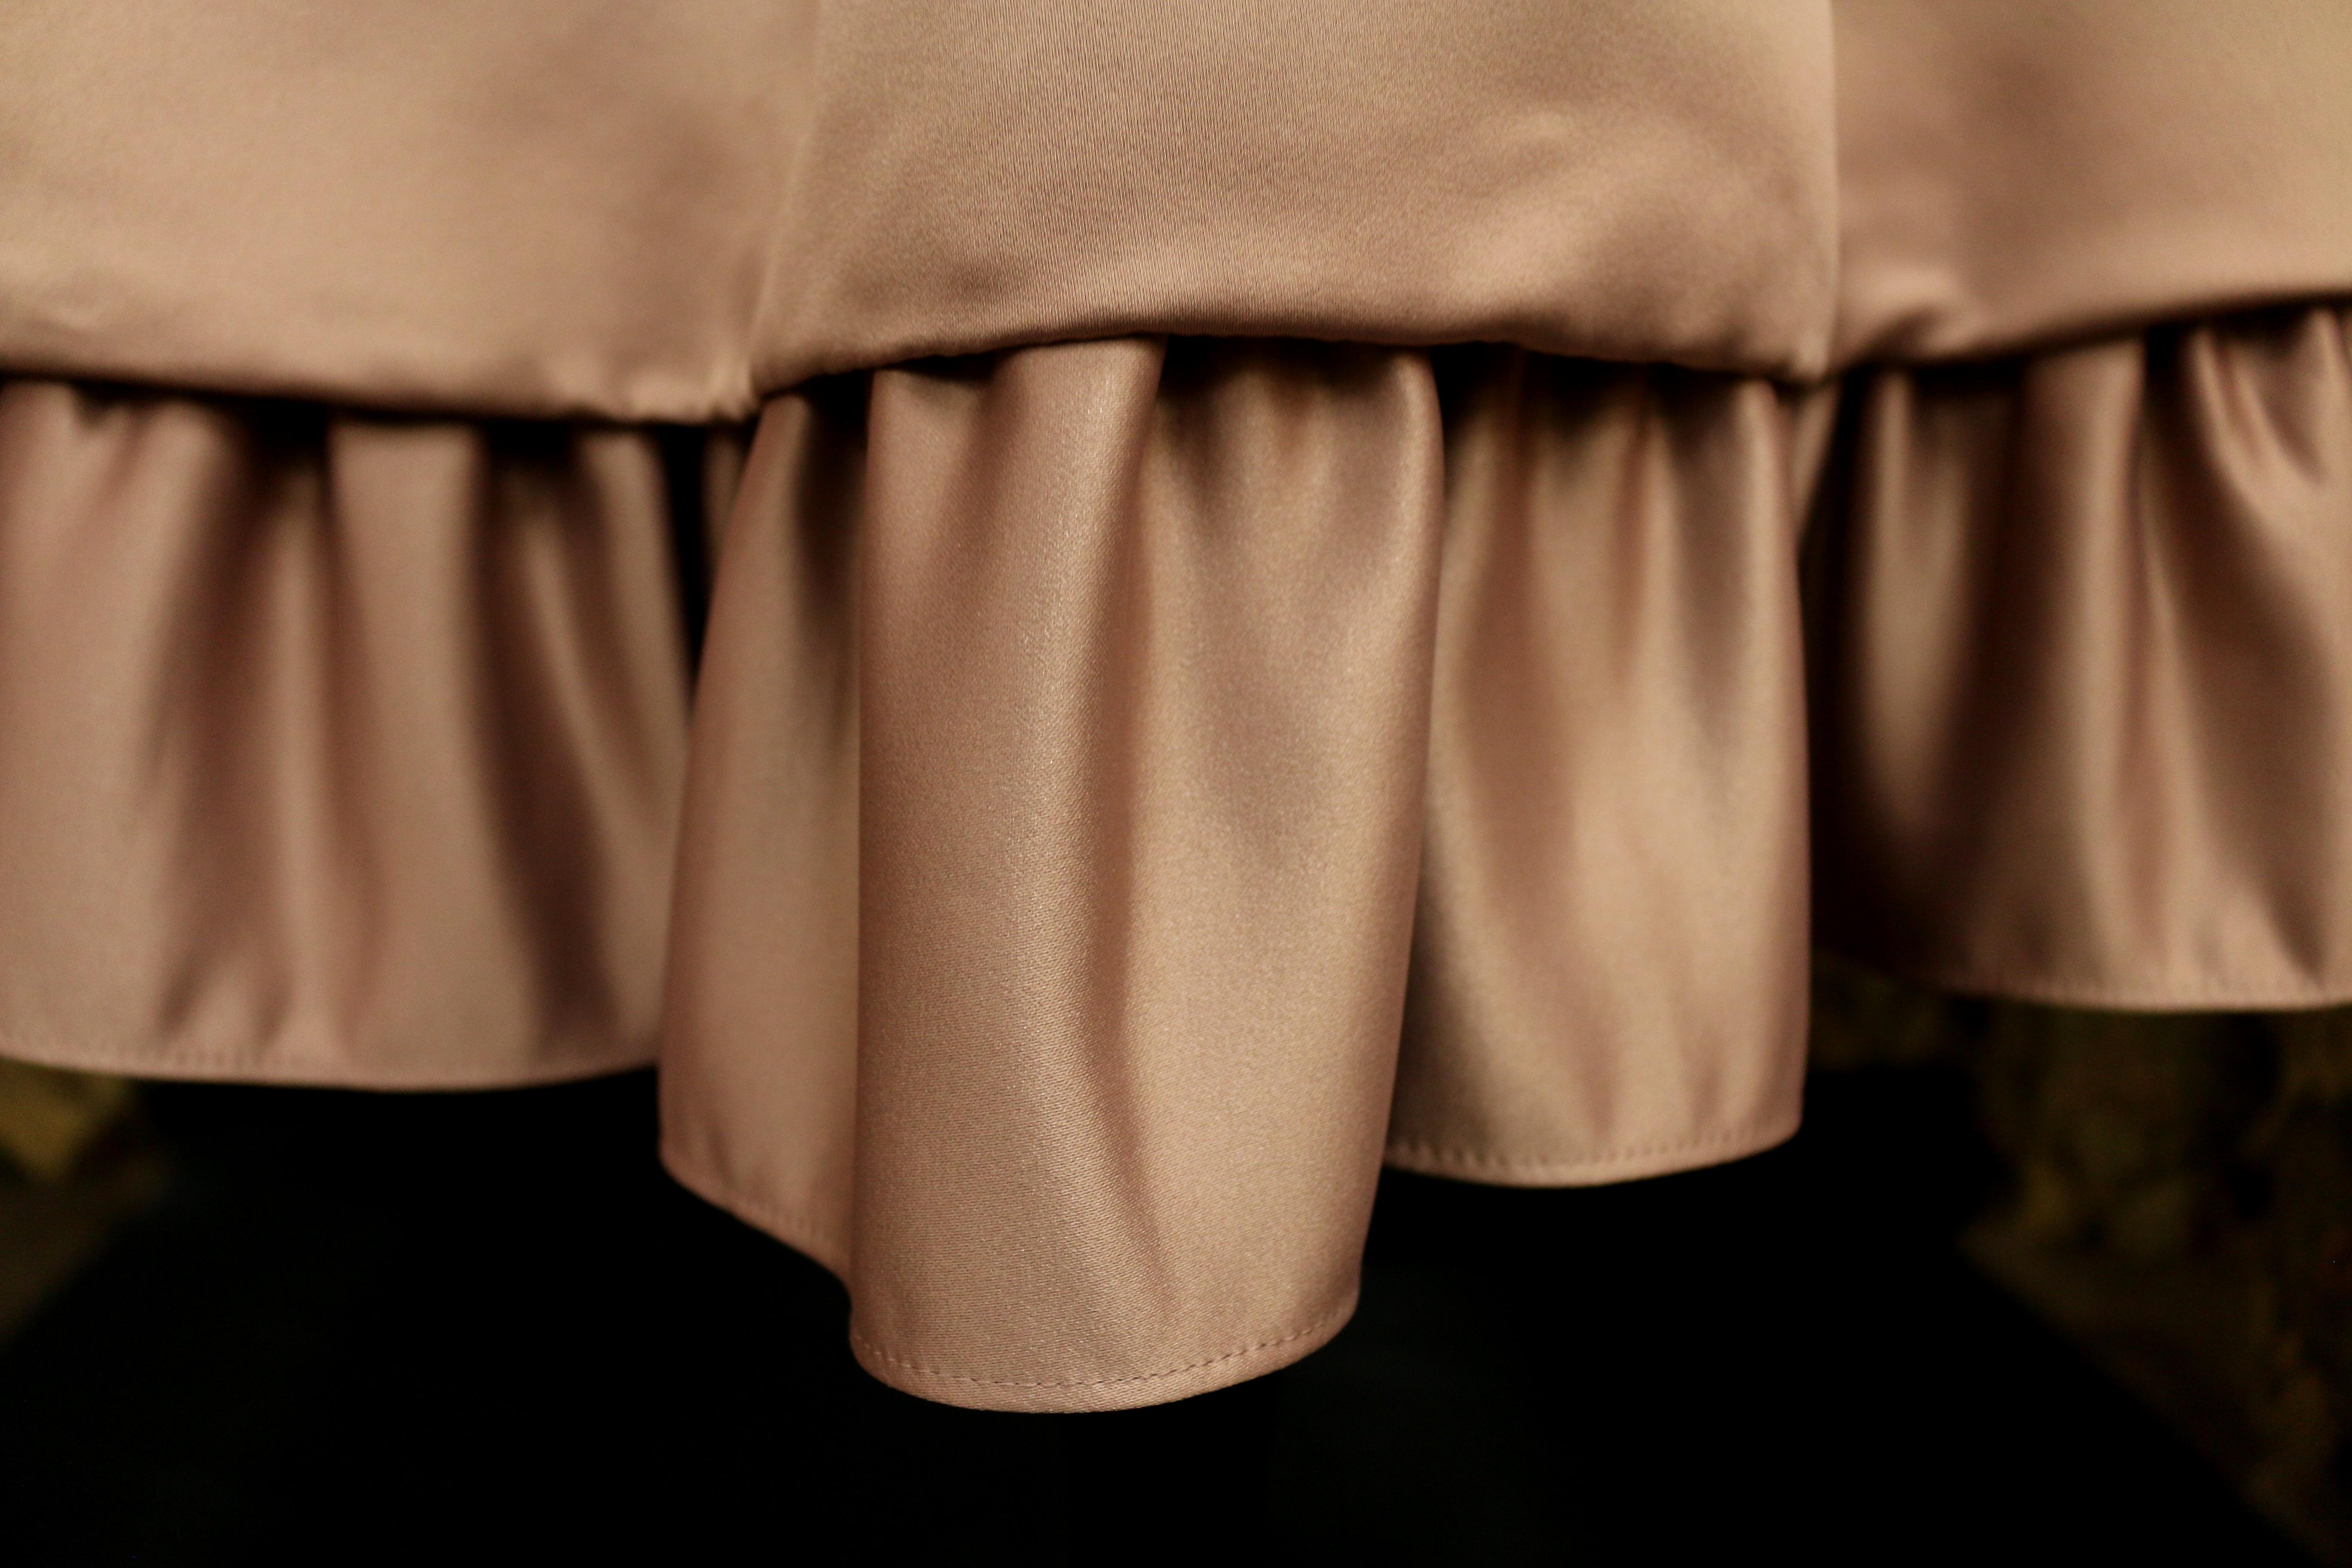 15c0c324e8ae læder gardin tøj materiale Indretning produkt tekstil kjole satin flæse  hemline søm